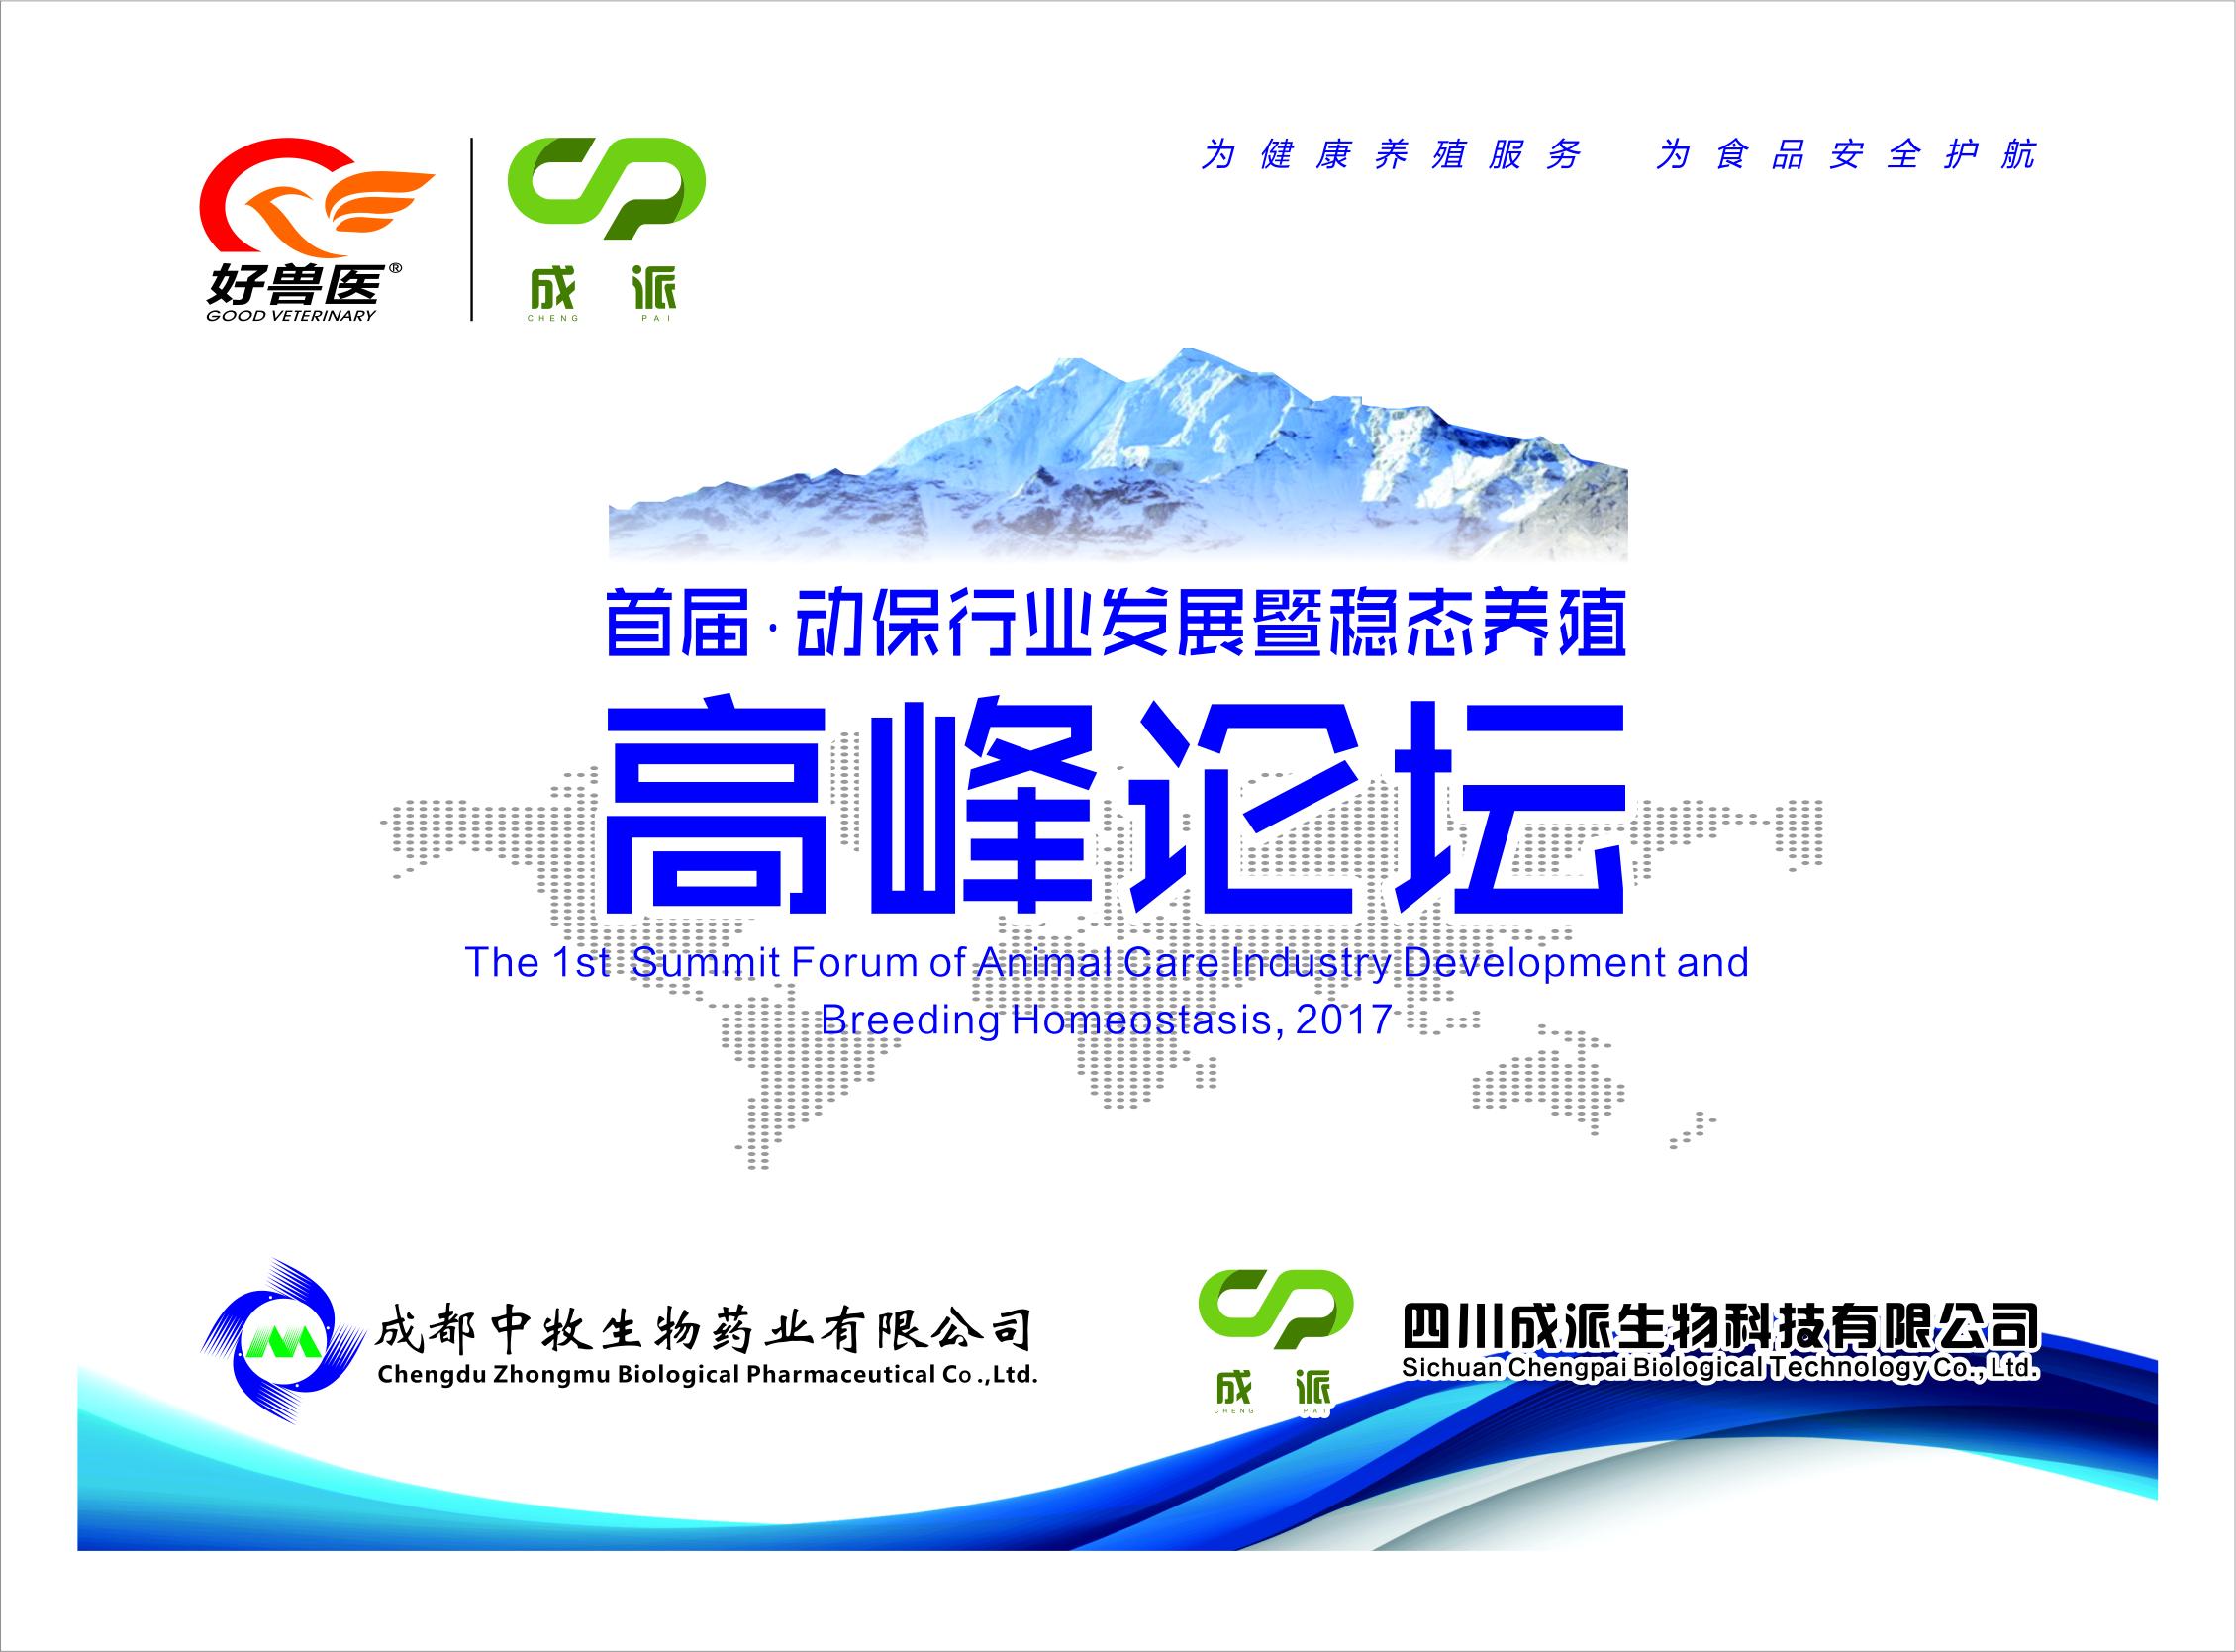 2017-11-11高峰论坛PPT格式封面.jpg